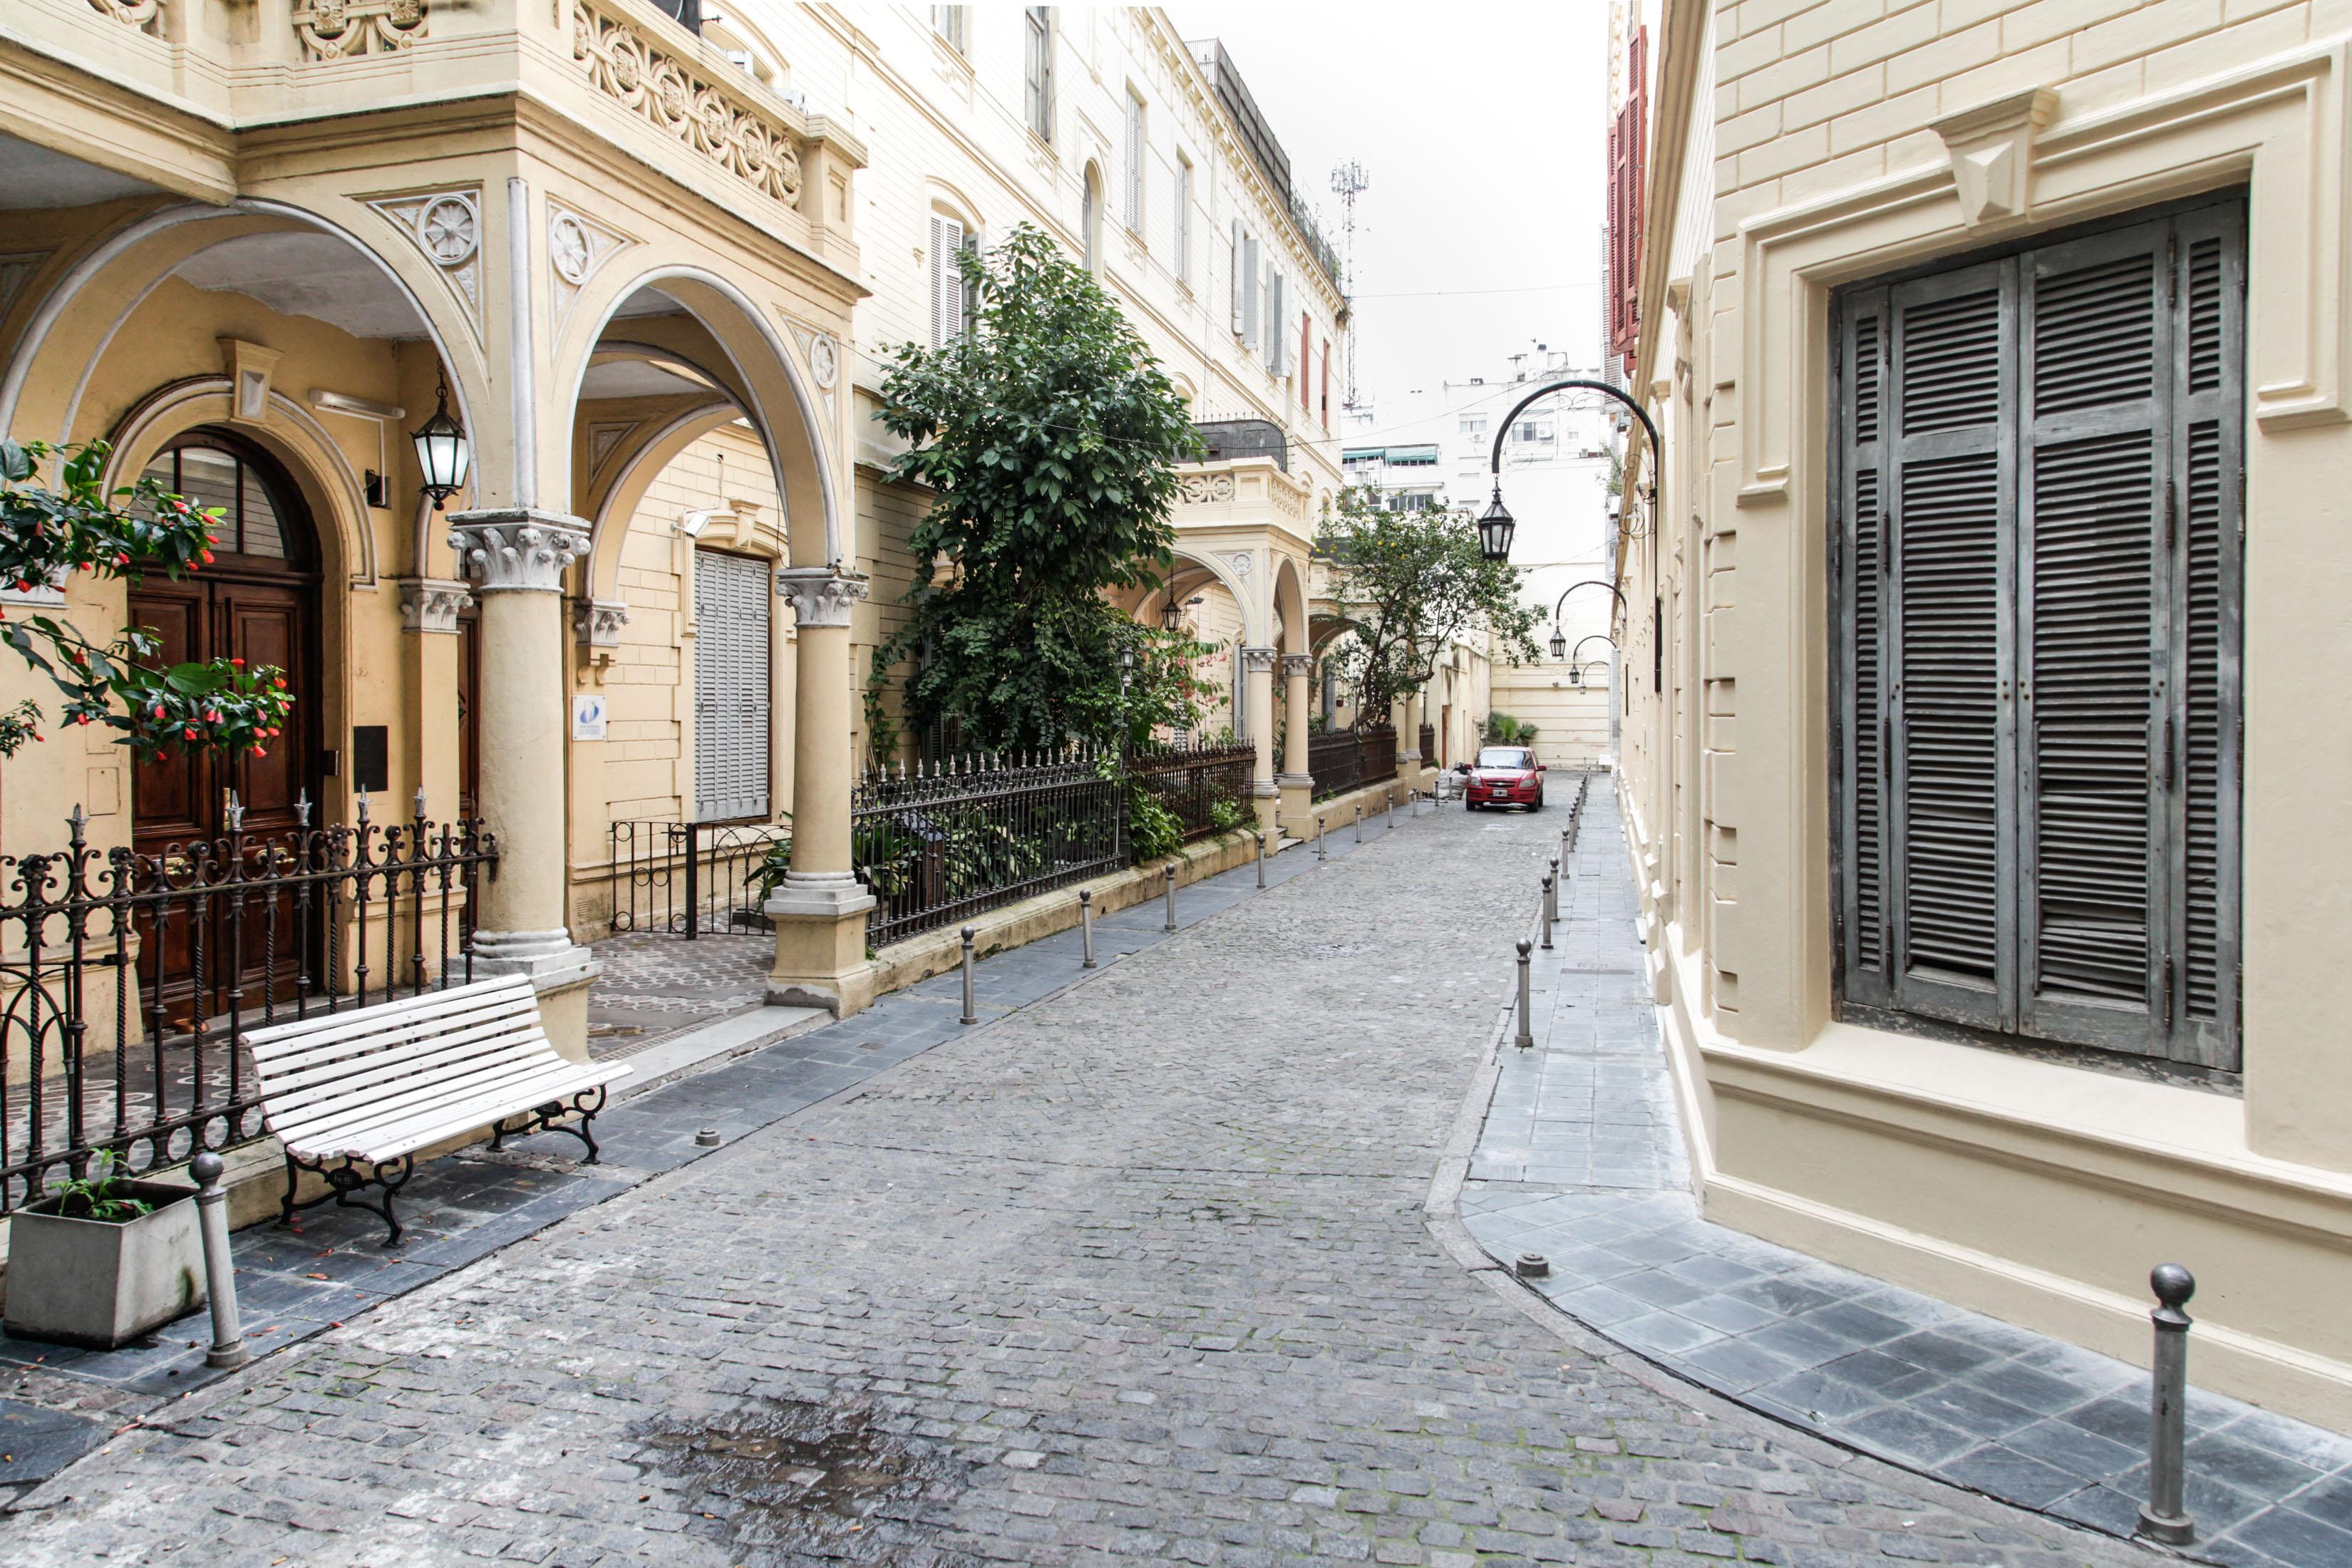 Desde 1997 el camino interno de la manzana fue incluido dentro de las Áreas de Protección Histórica de la ciudad de Buenos Aires (Estrella Herrera-gv/GCBA)